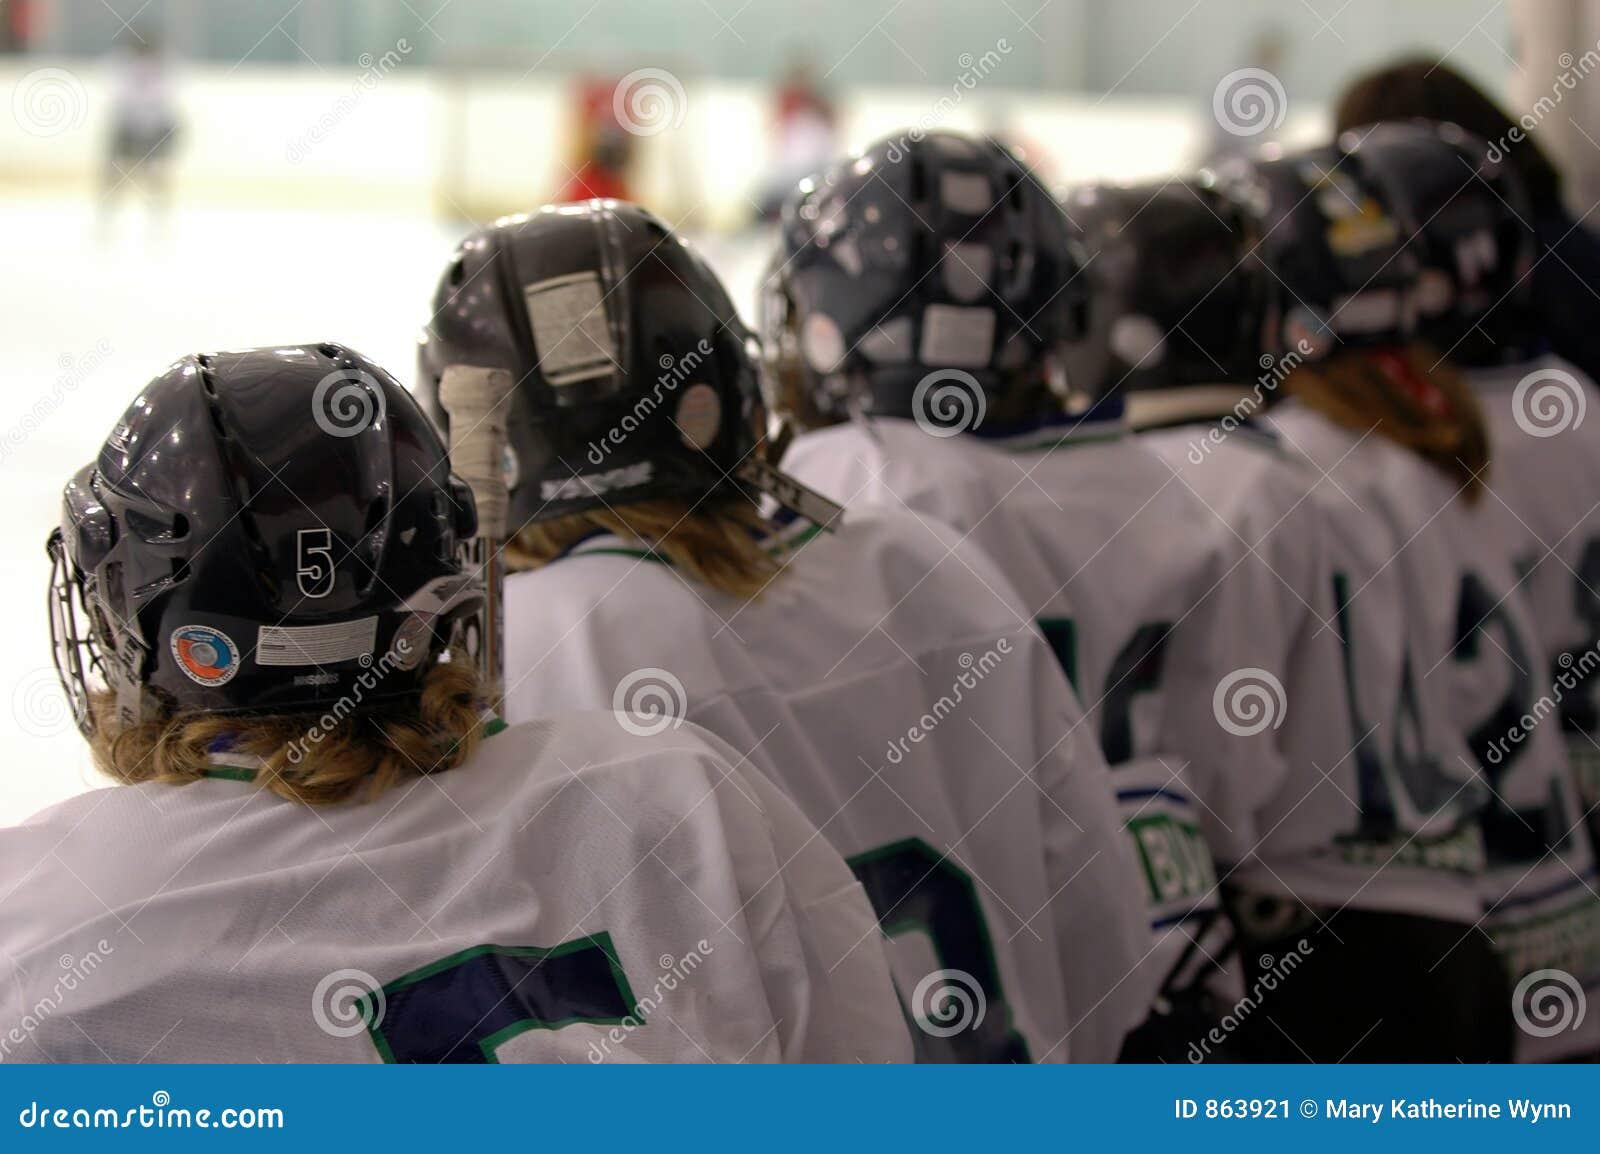 Watching the hockey game